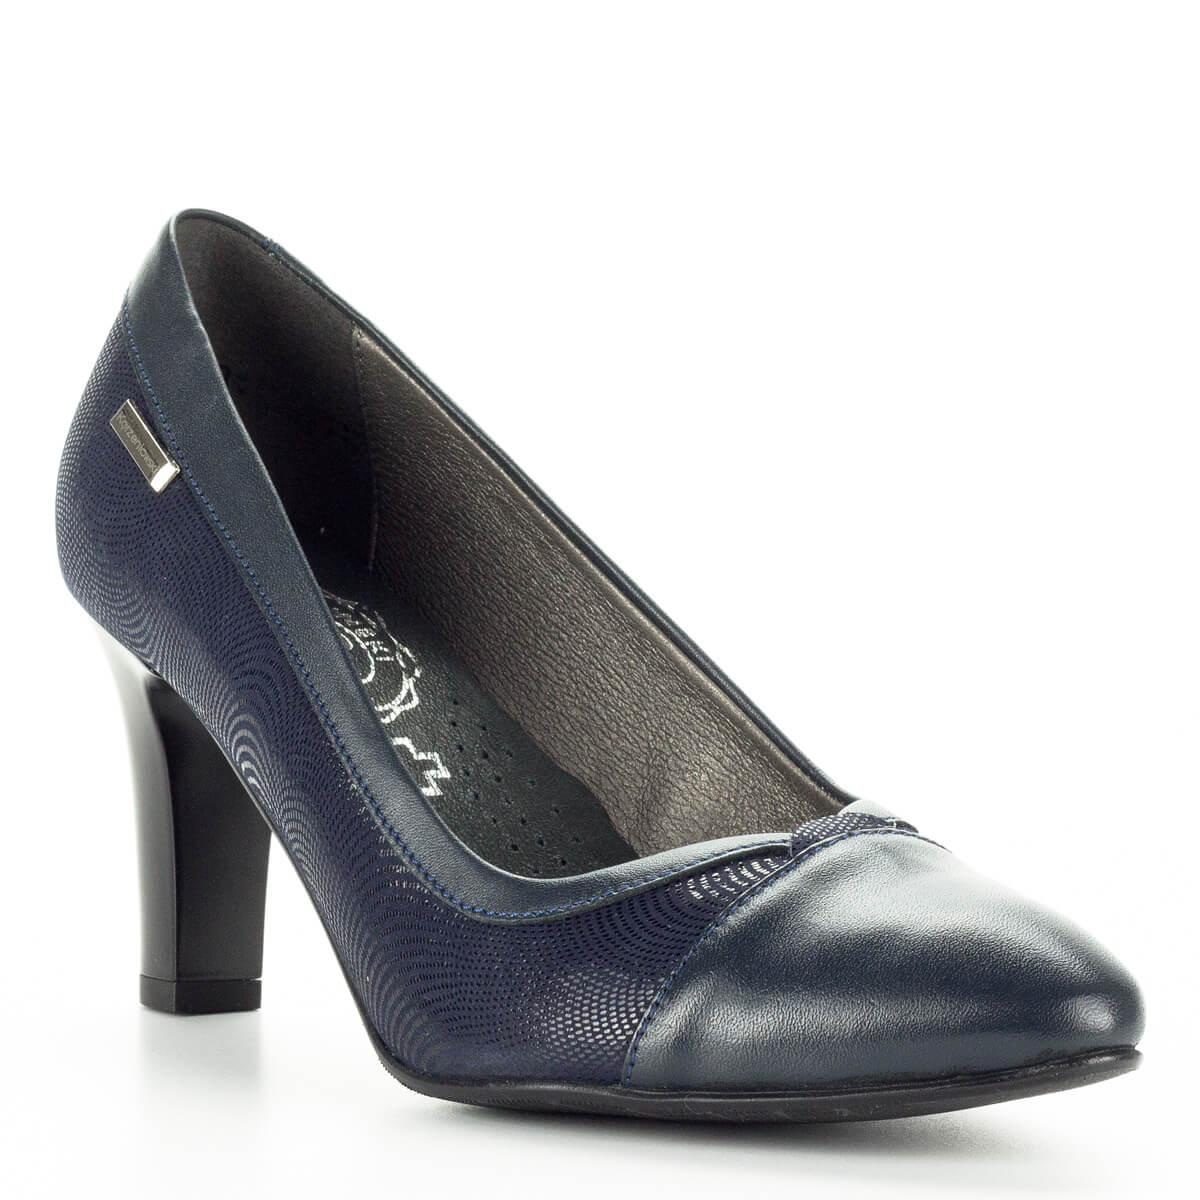 ... Korzeniowski kék női bőr cipő kétféle bőr kombinálásával készült.  Talpbélése puha bőr egész napra kényelmes ... 356a8b9c58